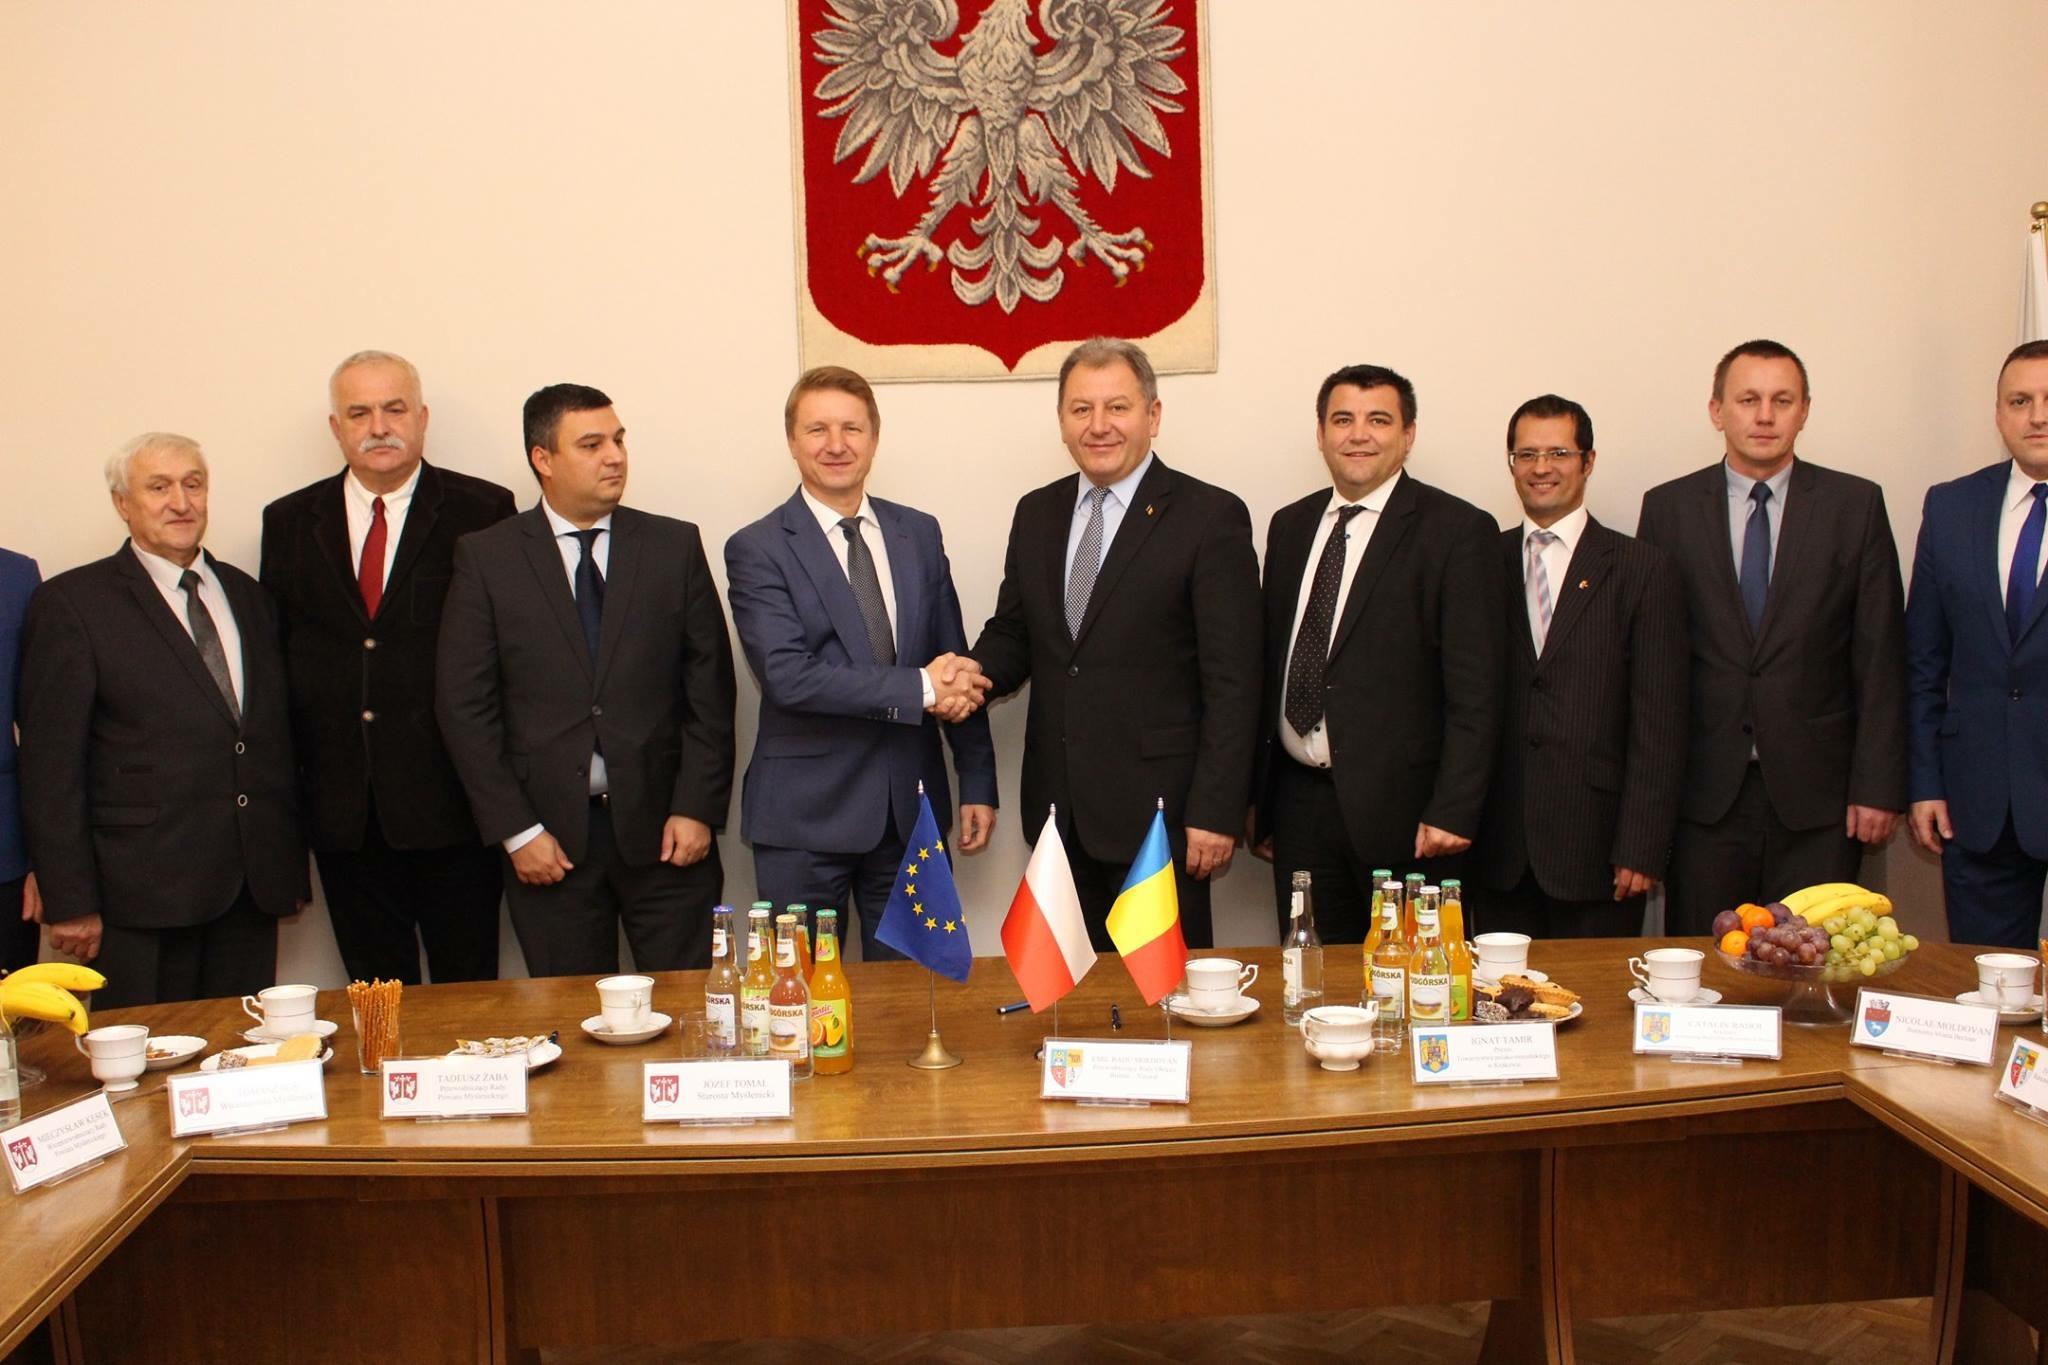 Becleanul, exemplu pentru județ! Bistrița-Năsăud s-a înfrățit cu una dintre cele mai dezvoltate regiuni din Polonia – FOTO